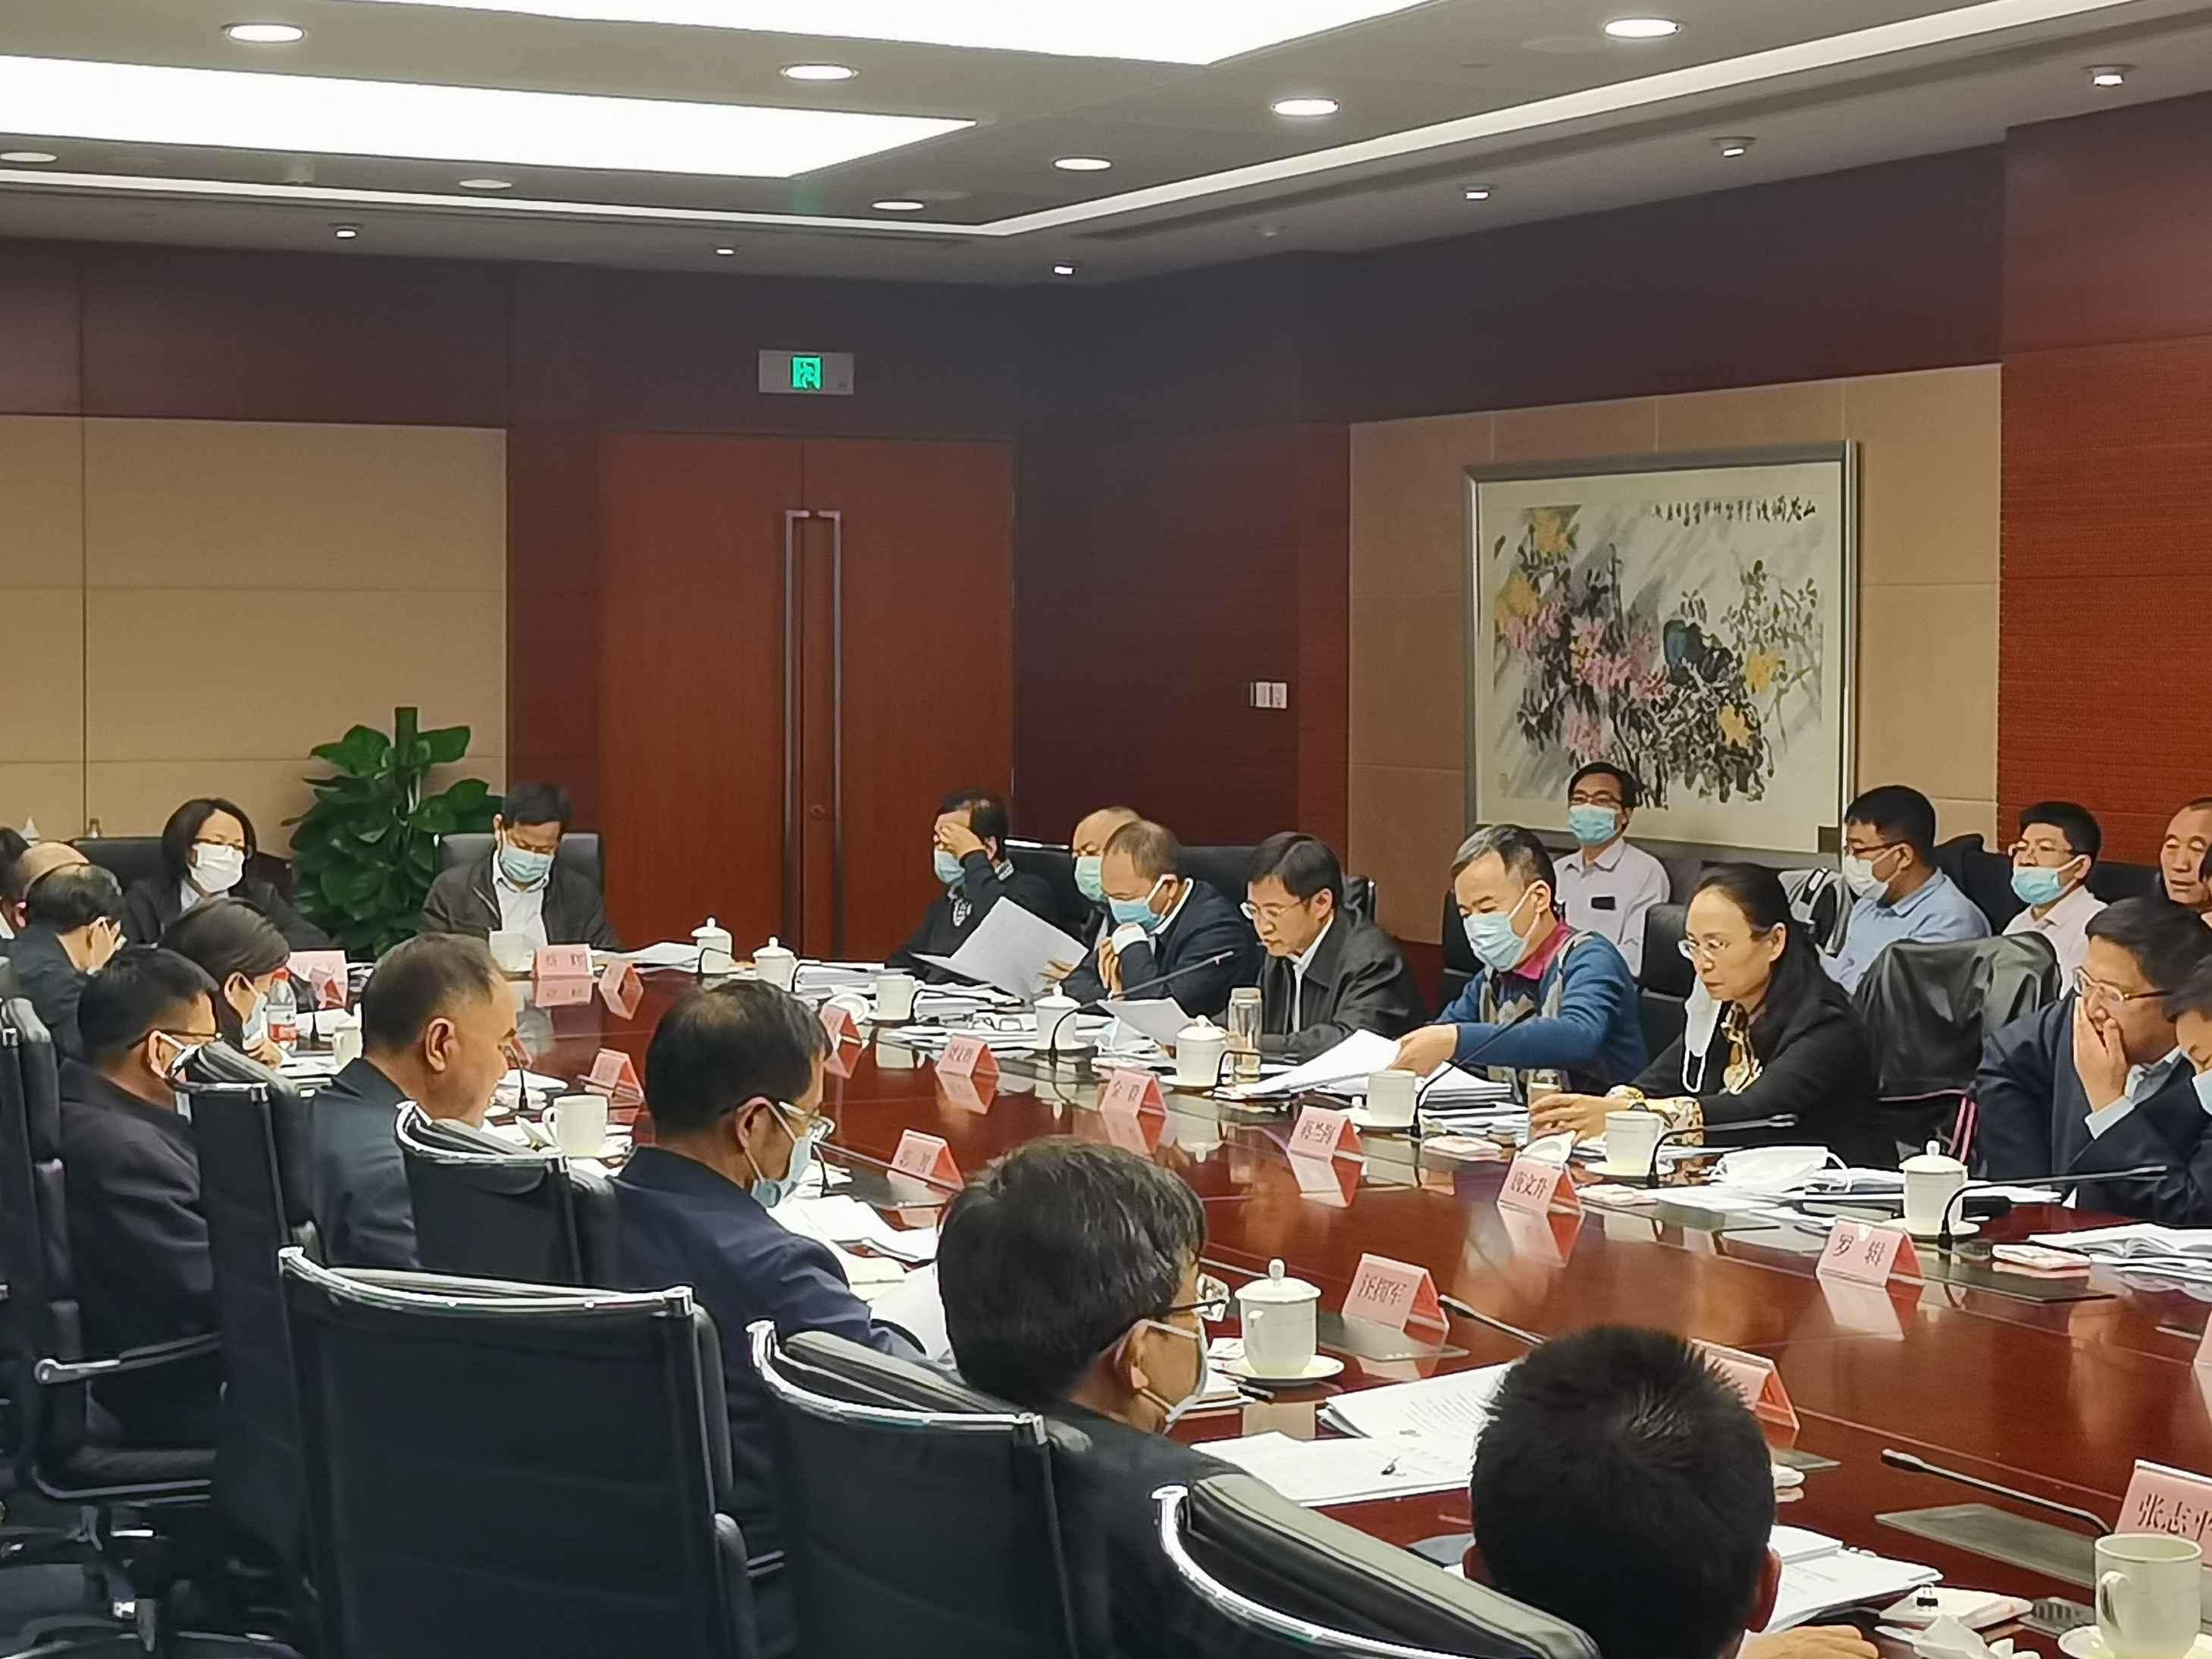 """刘文胜副局长出席""""获得电力""""专班会议并做经验交流发言"""